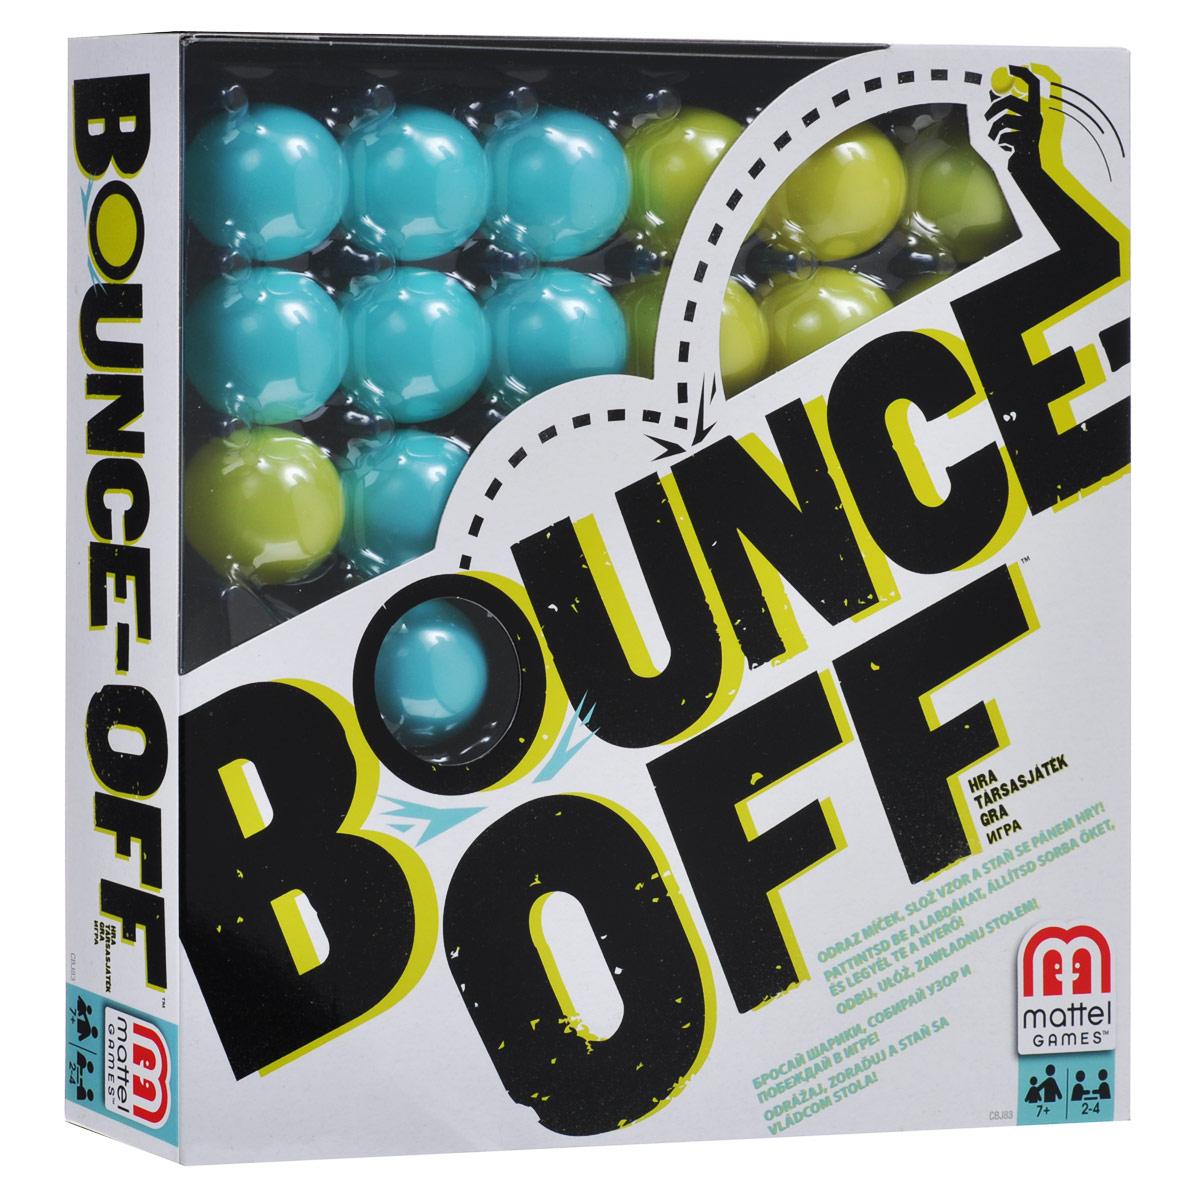 Mattel Games Настольная игра Bounce OffCBJ83Настольная игра Mattel Games Bounce Off - оригинальная соревновательная игра для всех возрастов! Выберите наугад любую карточку, чтобы определить узор. Затем заполните шариками решетку в соответствии с выпавшим узором. Для этого нужно бросить в игровой поддон шарик, следя за тем, чтобы он отскочил минимум один раз прежде, чем попасть в поддон. Выигрывает тот, кто первым завершит узор; он оставляет карточку с узором у себя. Победителем становится игрок, первым собравший три карточки. В комплект игры входят: 16 шариков, 4 поддона для шариков, игровой поддон, 9 карточек с узорами и правила игры на русском языке.